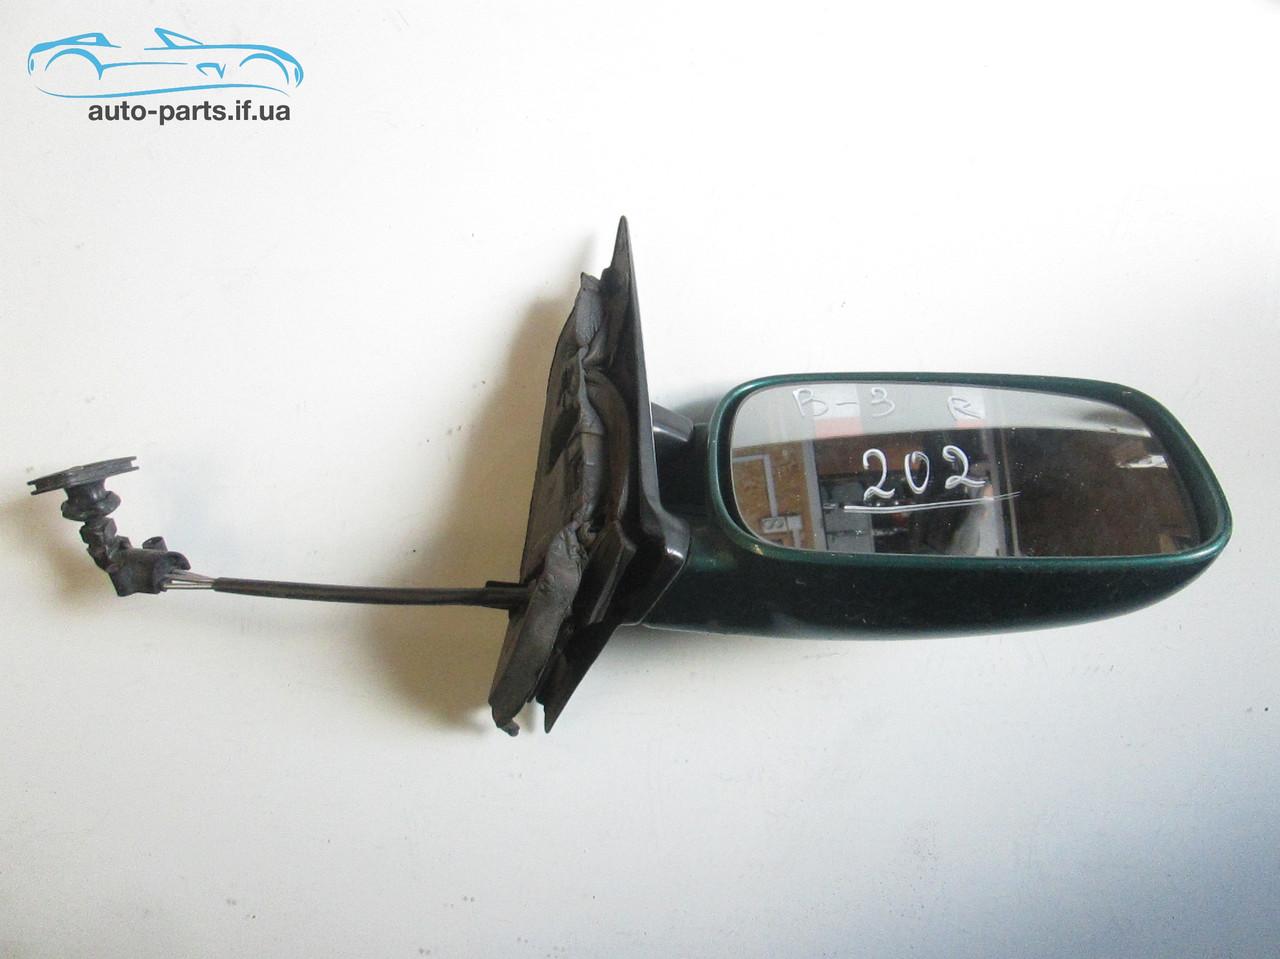 Зеркало правое Passat B3 №202